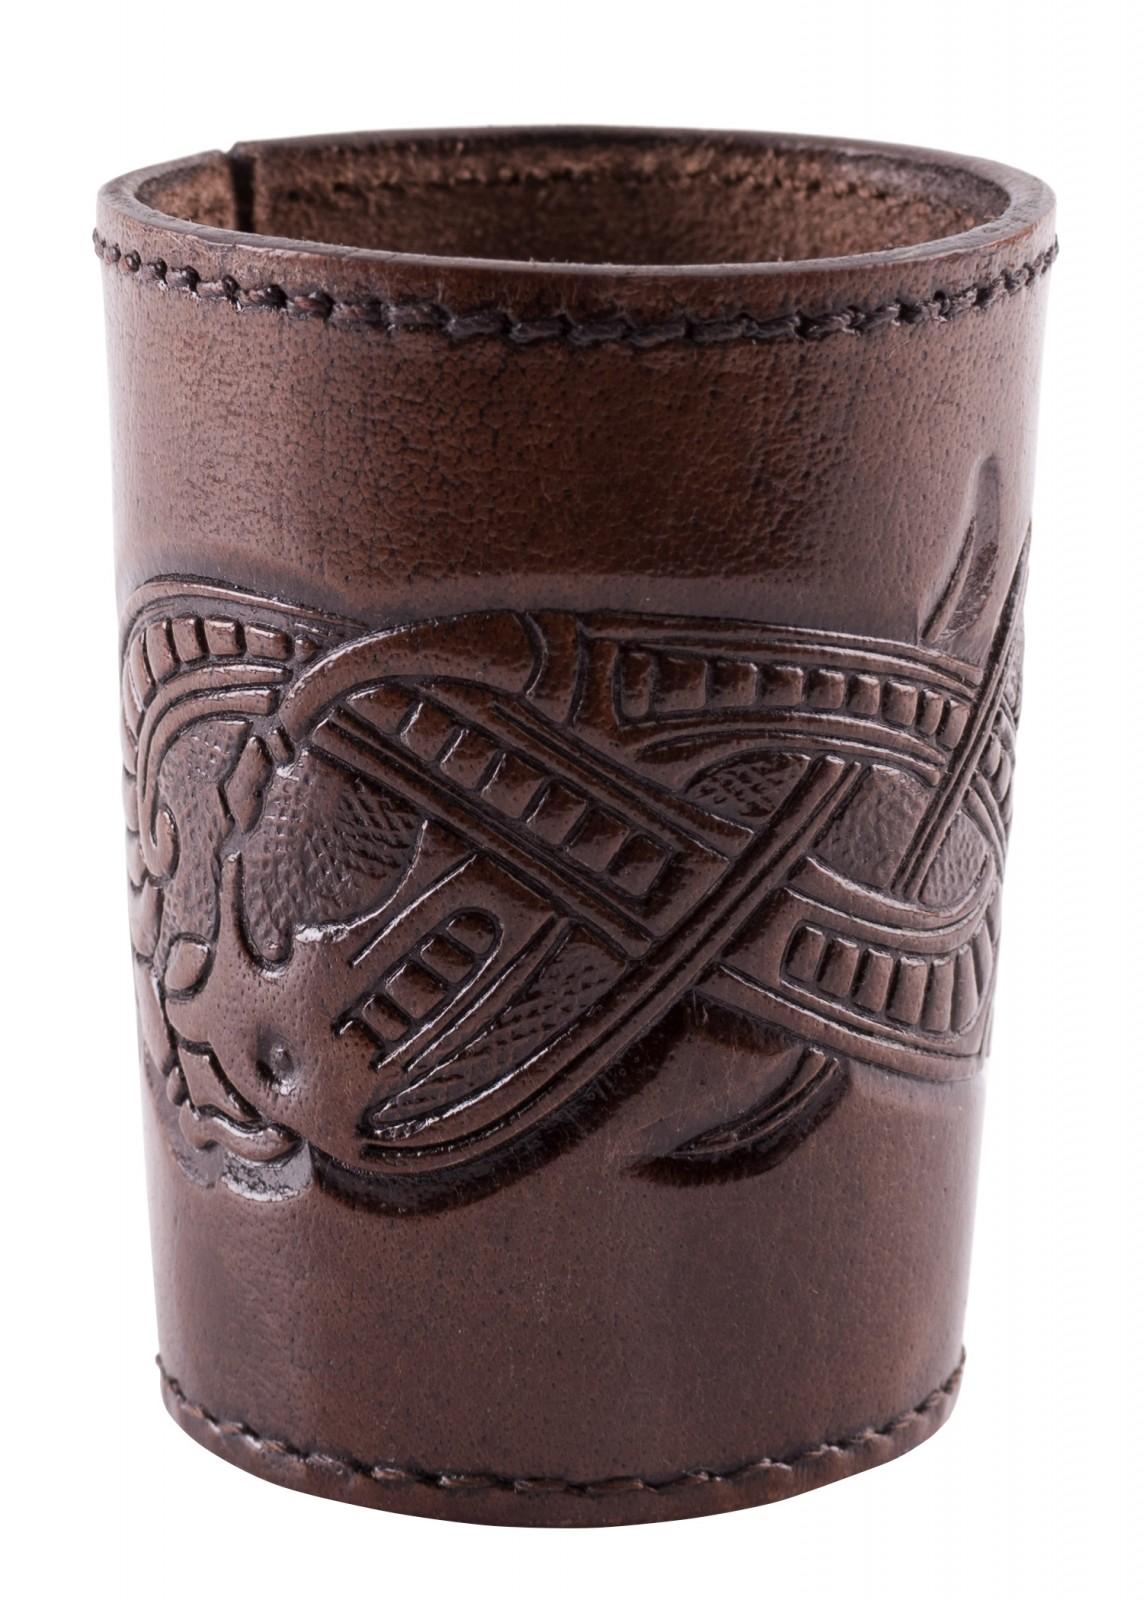 Würfelbecher aus Leder mit geprägtem Drachenmotiv, Jelling-Stil, dunkelbraun